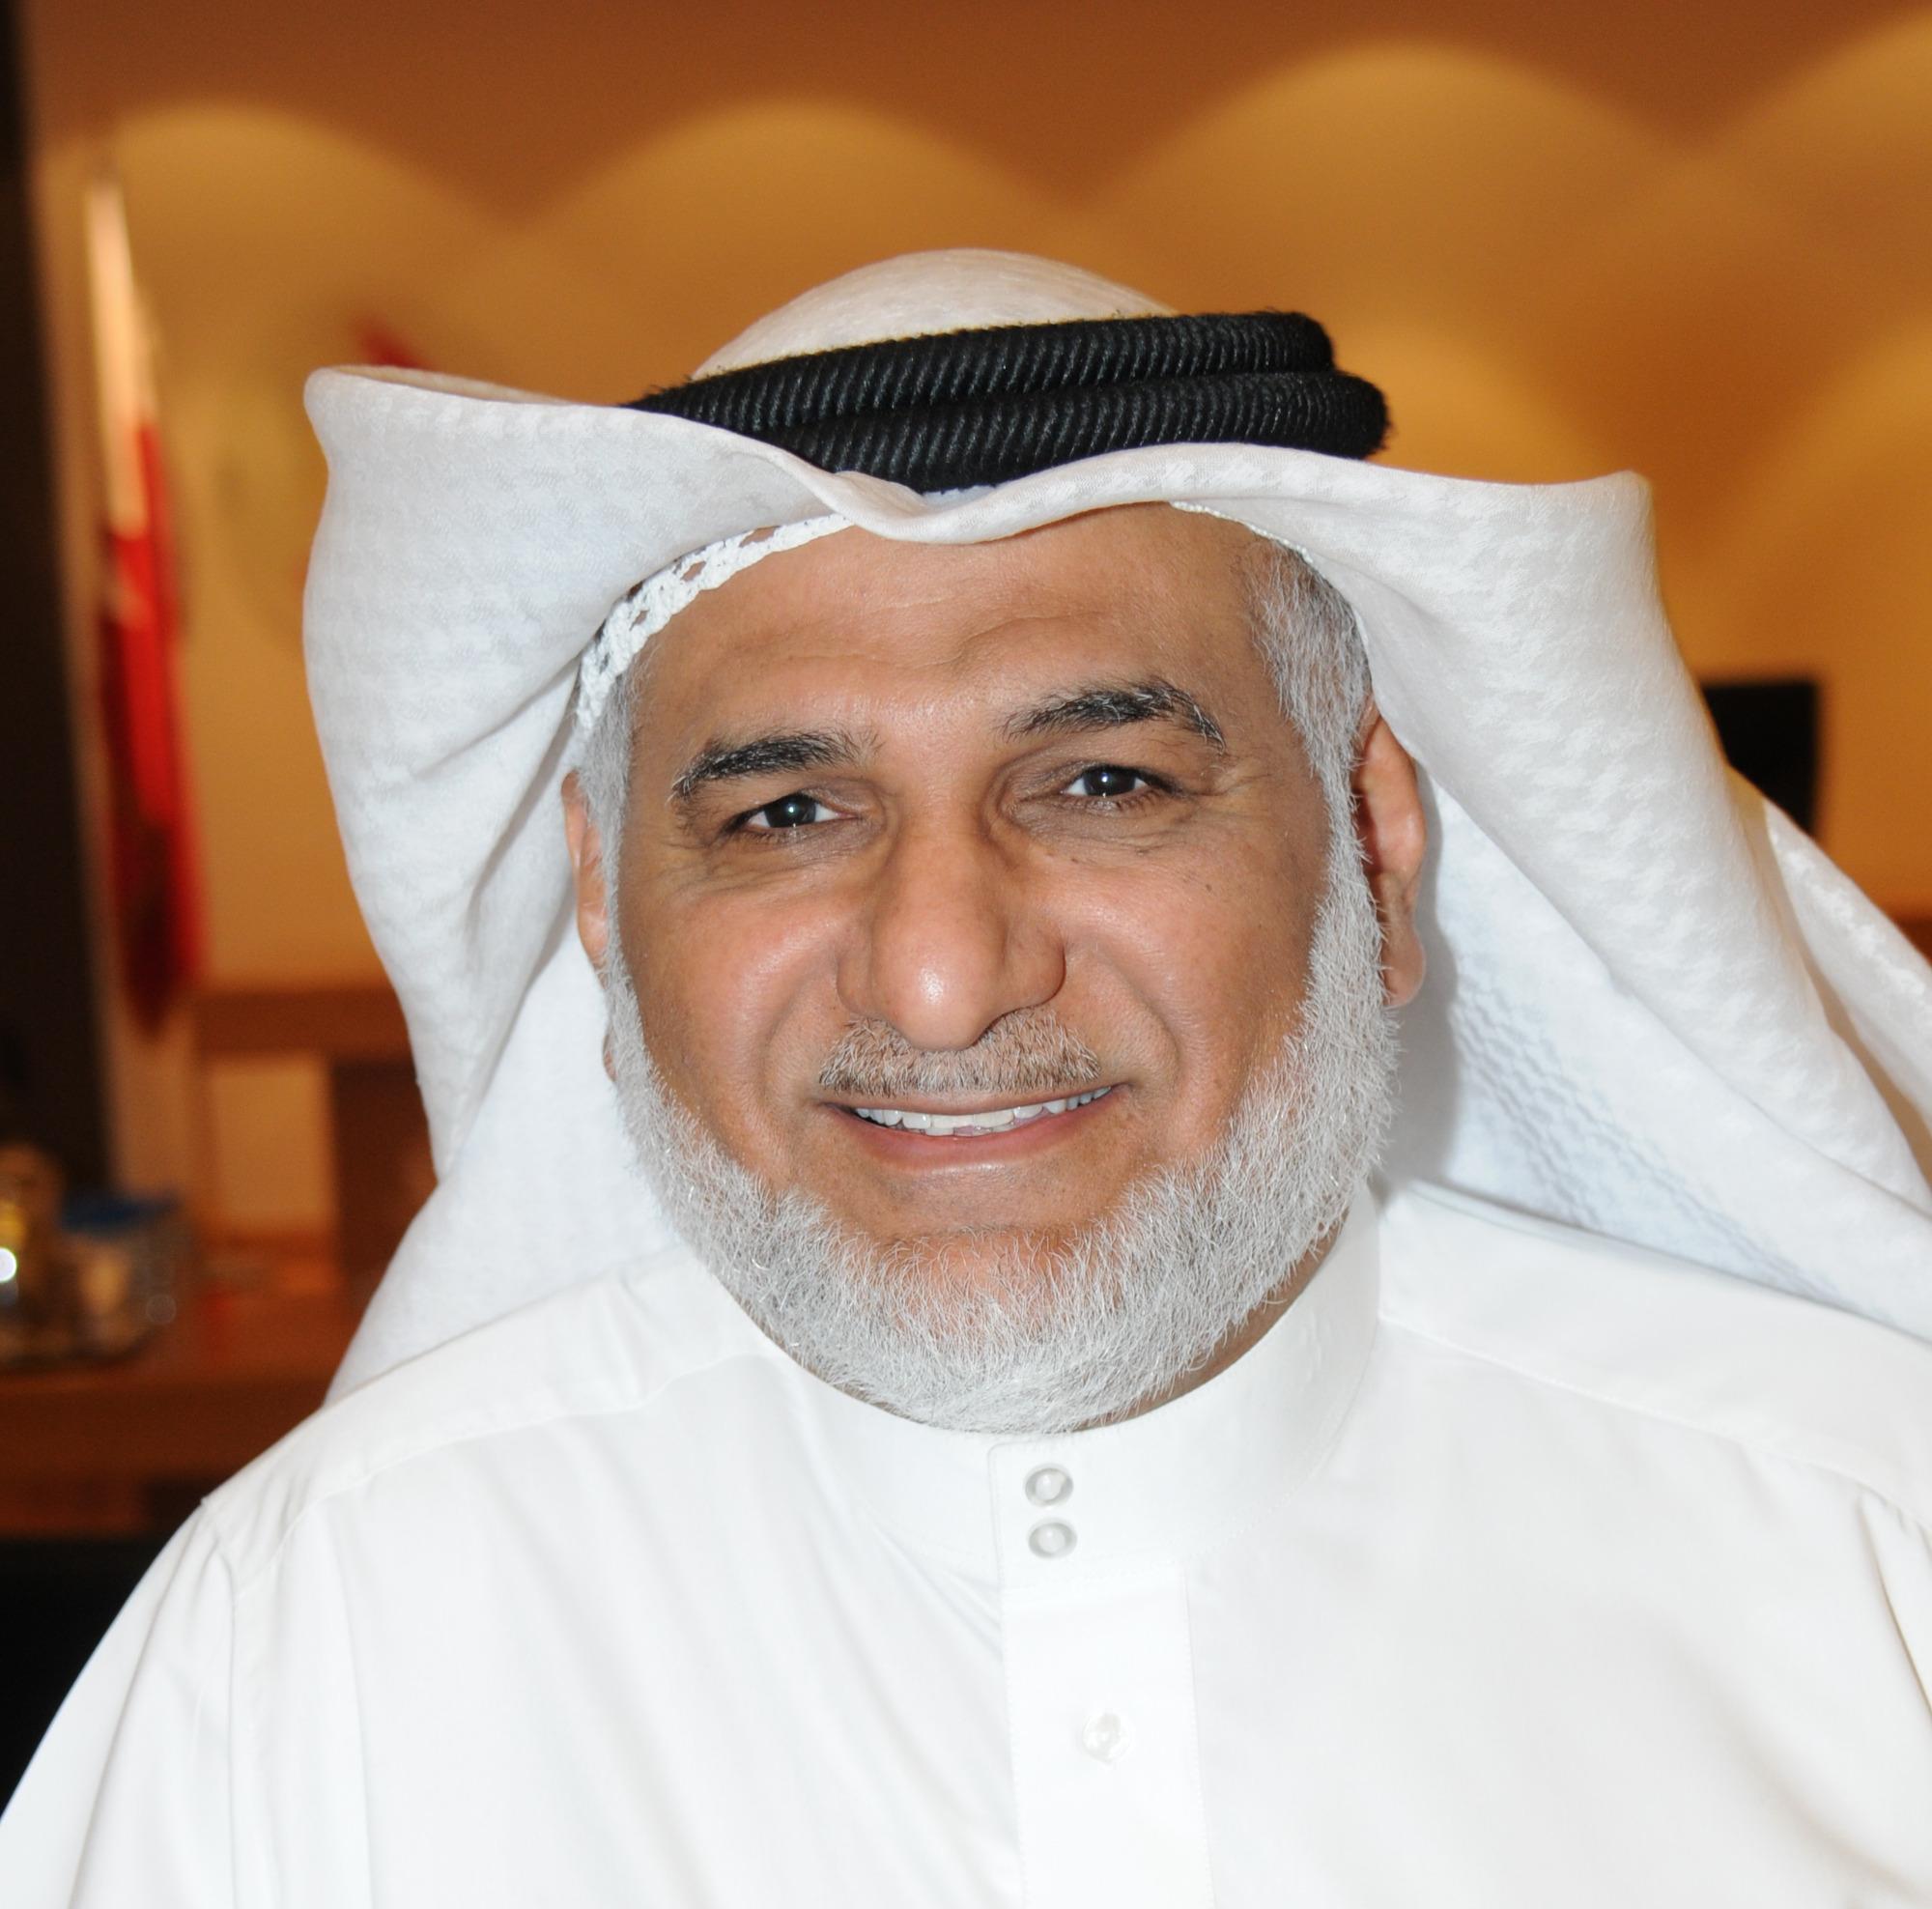 رئيس مجلس المحرق البلدي محمد بن عبدالله آل سنان